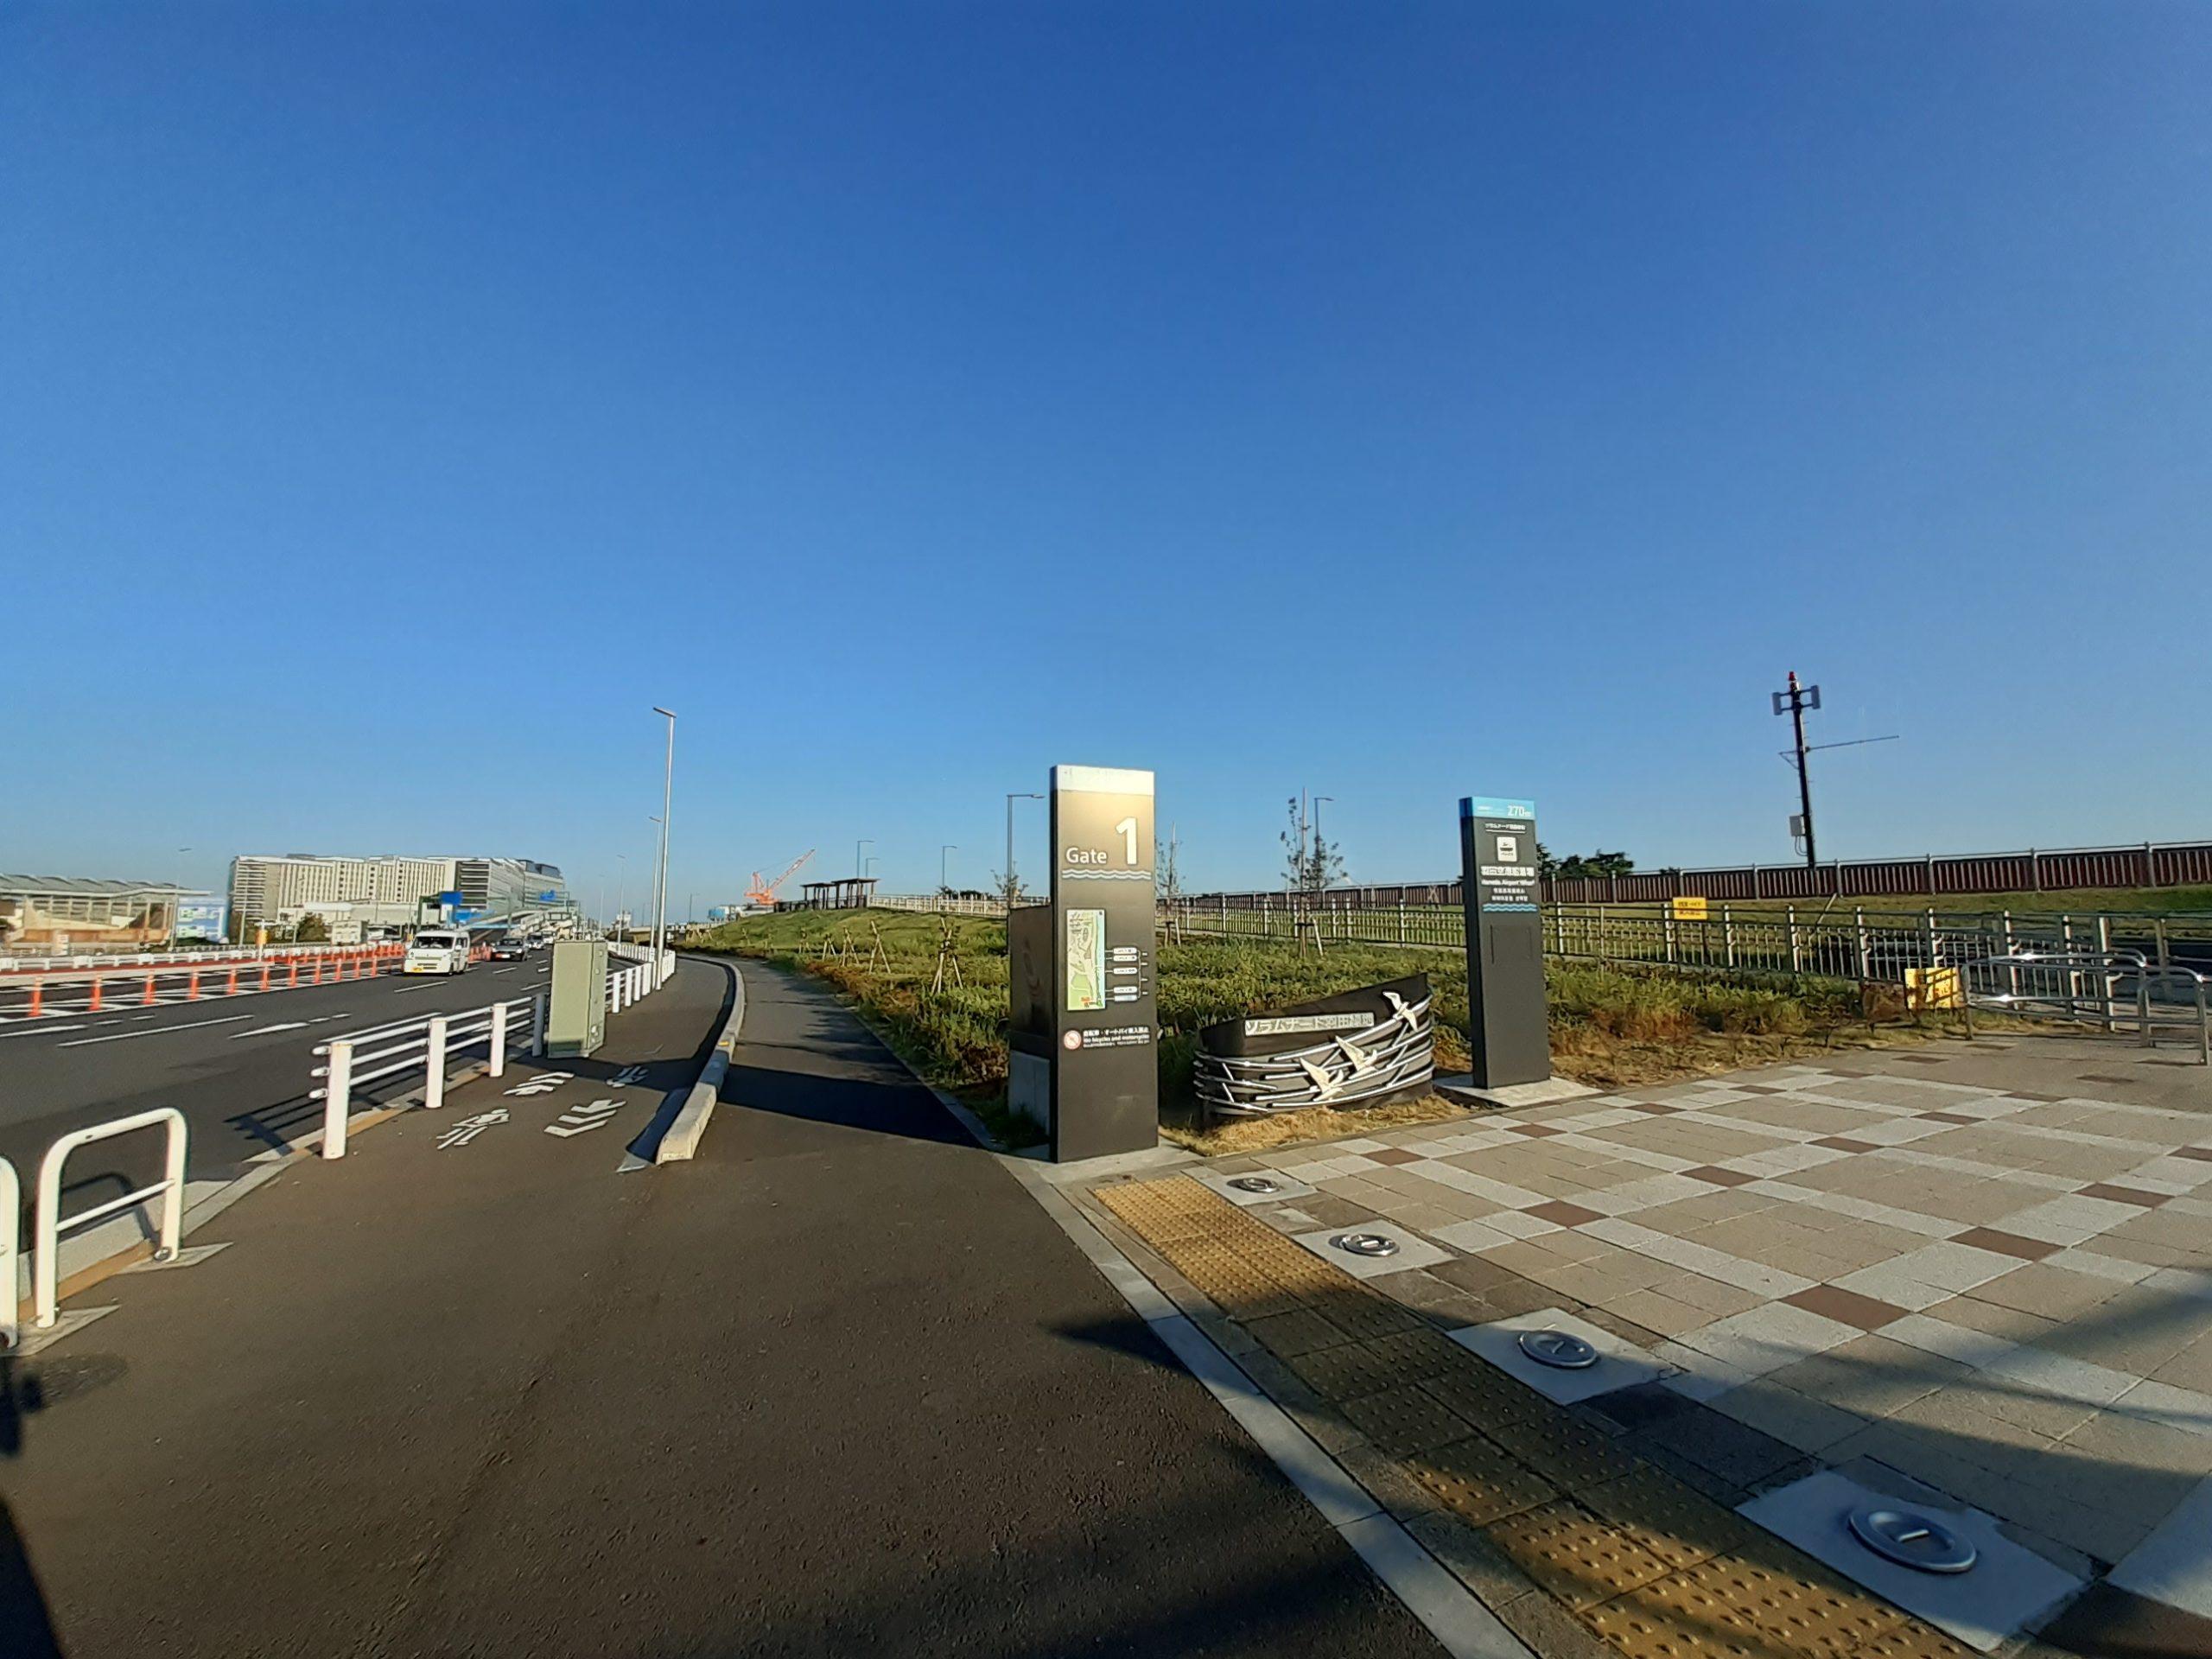 【羽田の飛行機撮影ポイント】ソラムナード羽田緑地